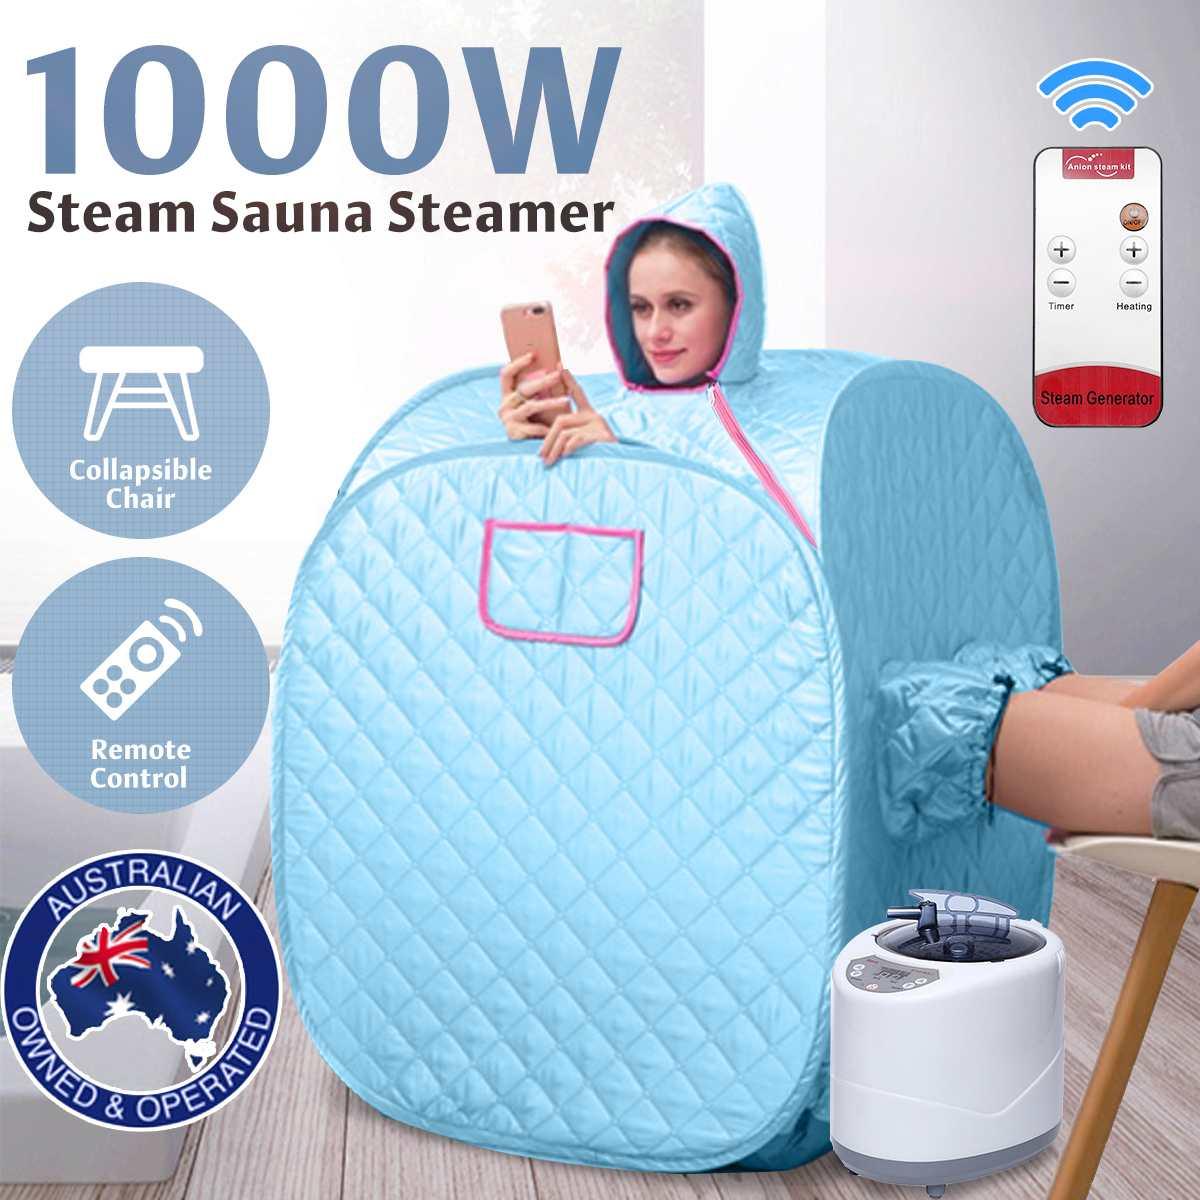 Портативная Паровая сауна, спа-комната для домашнего пользования, для похудения, складная Паровая Сауна для Детокс-терапии, генератор сауны